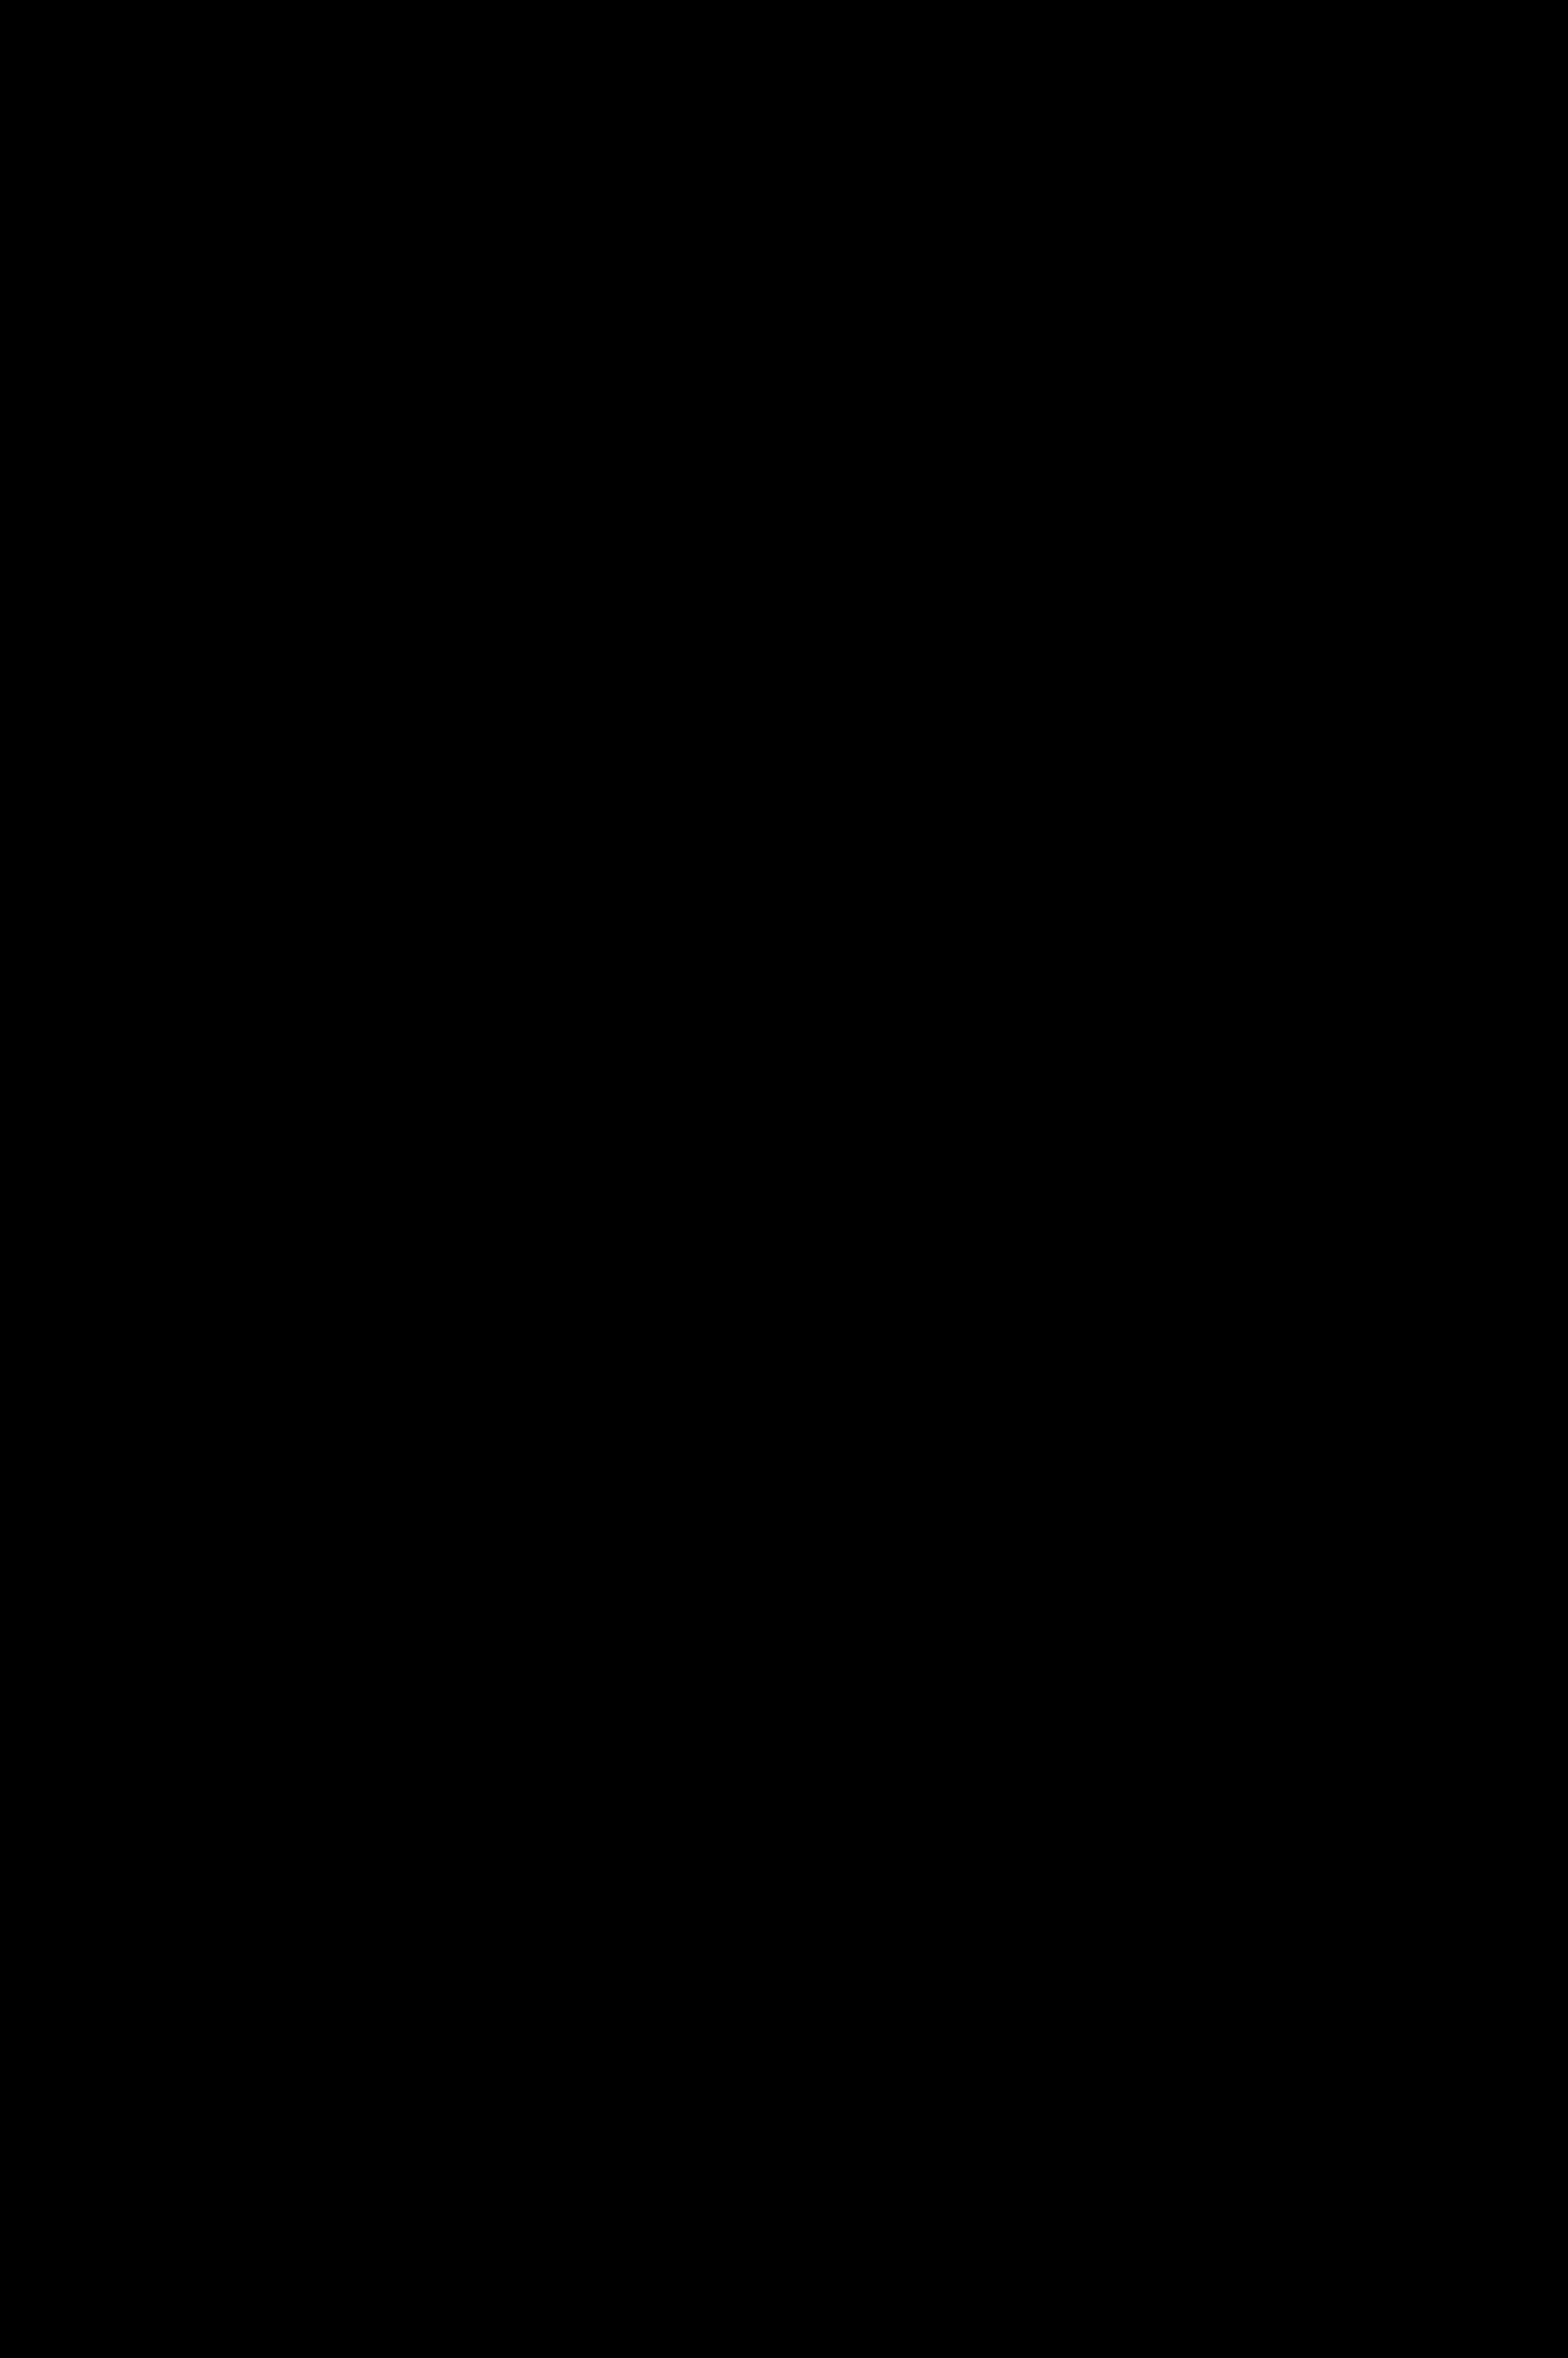 DEL RIO BEIRO A LA PUERTA DE ELVIRA VIVENCIAS TIPOS Y SITIO